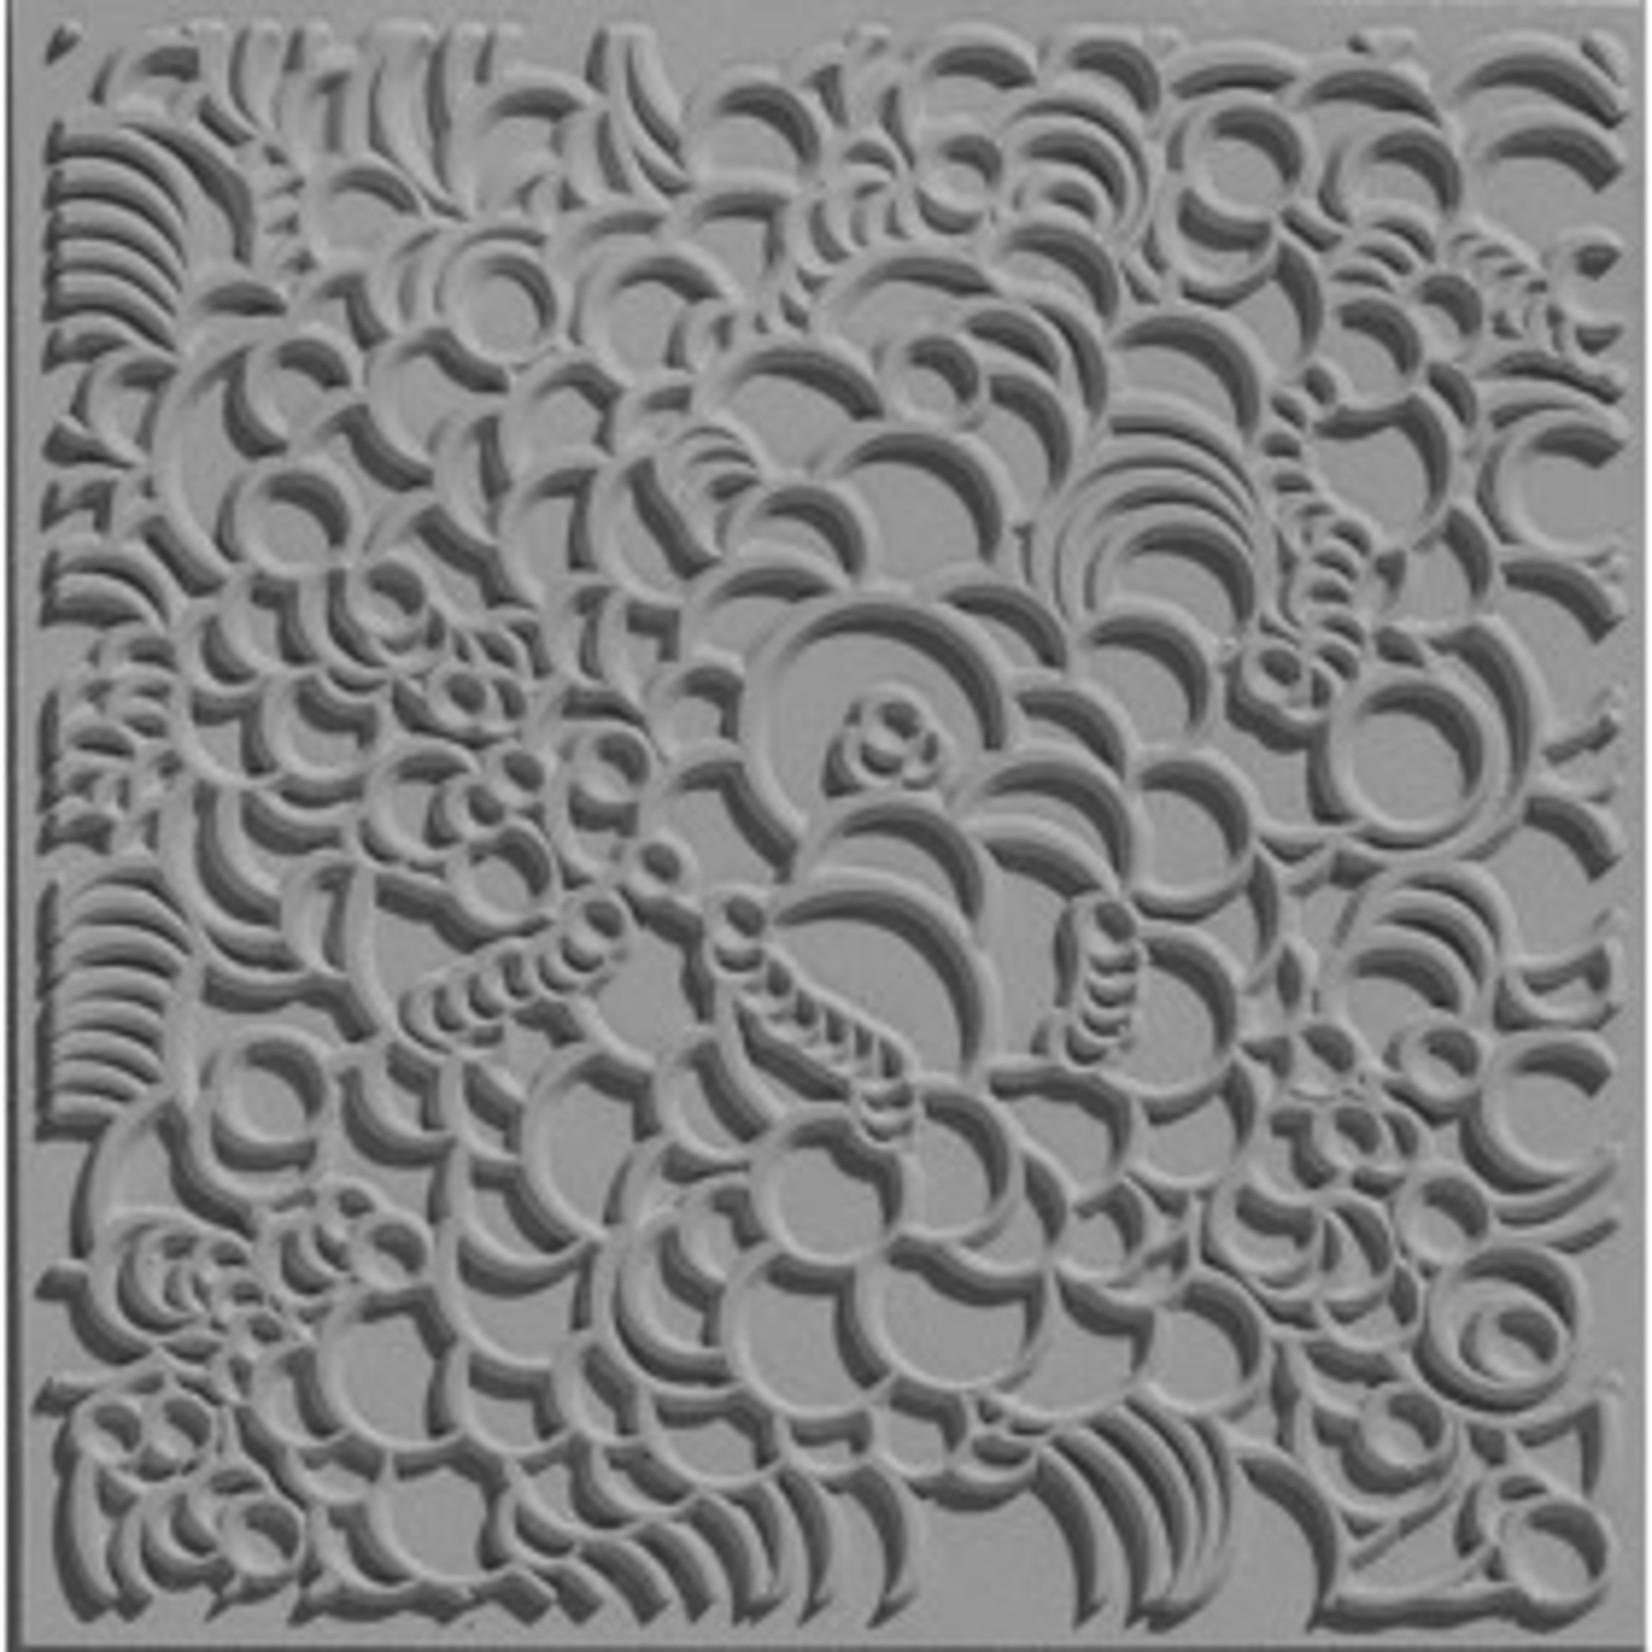 Cernit Cernit Texture Plate 9 X 9 cm - Bubbles